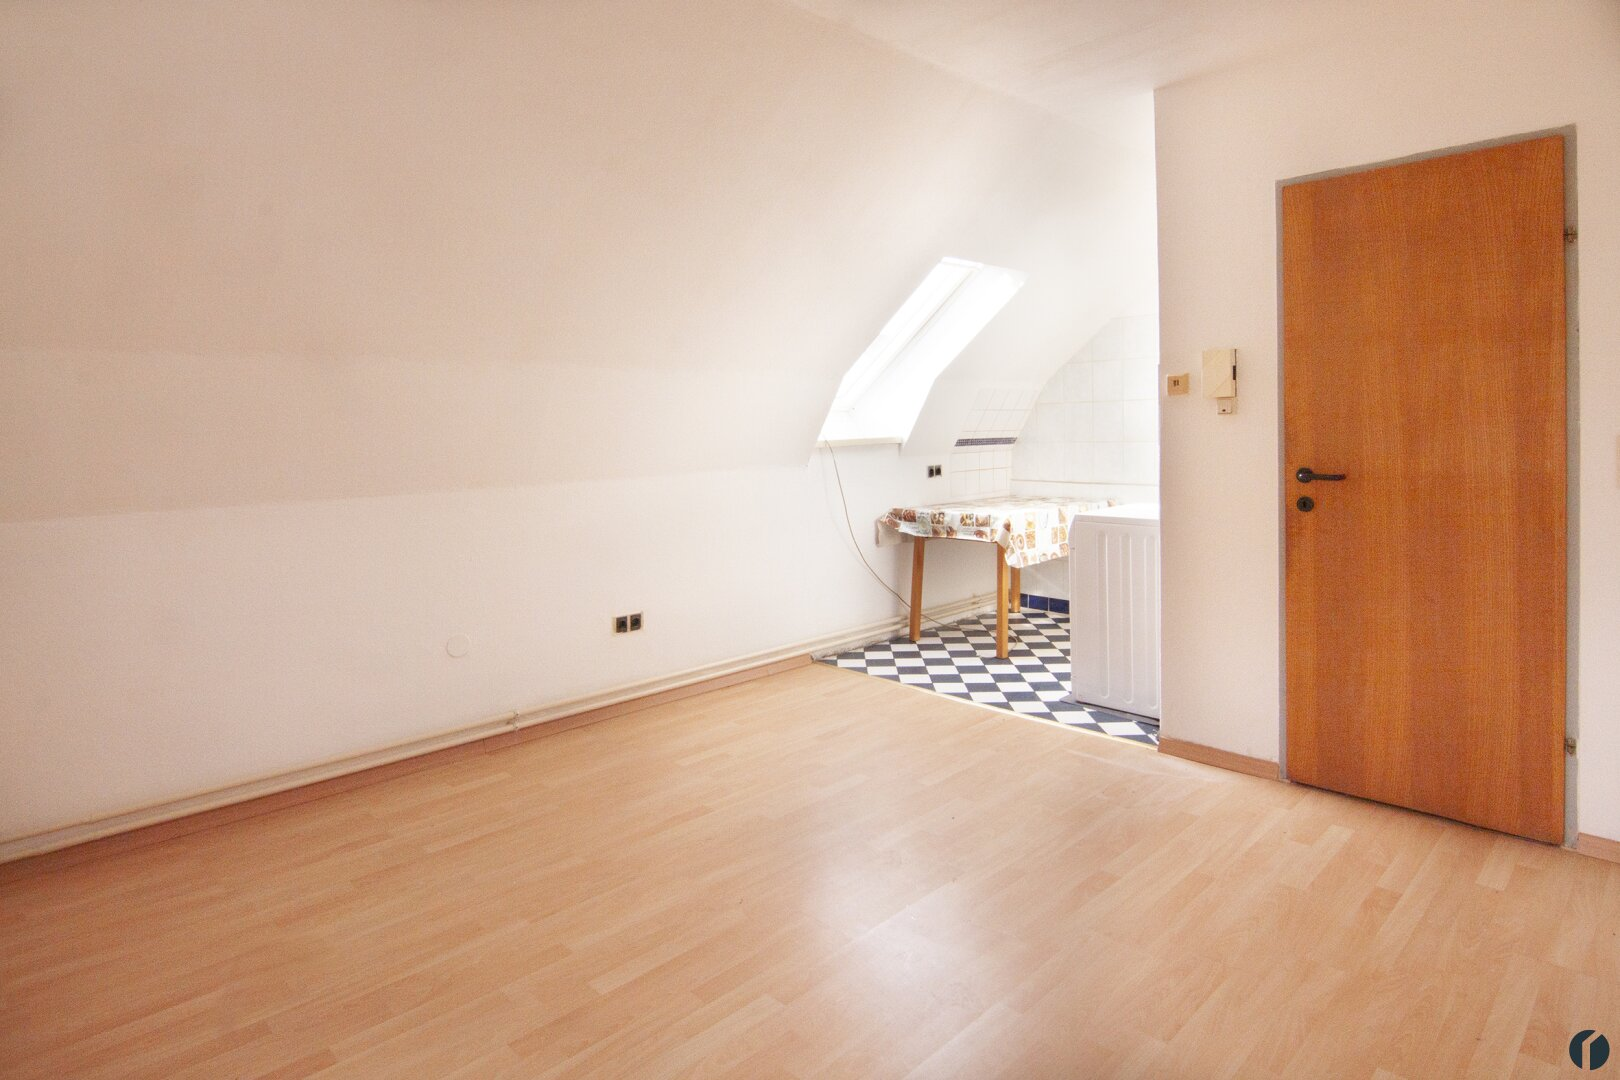 Wohn/Schlafraum mit Küchenbereich